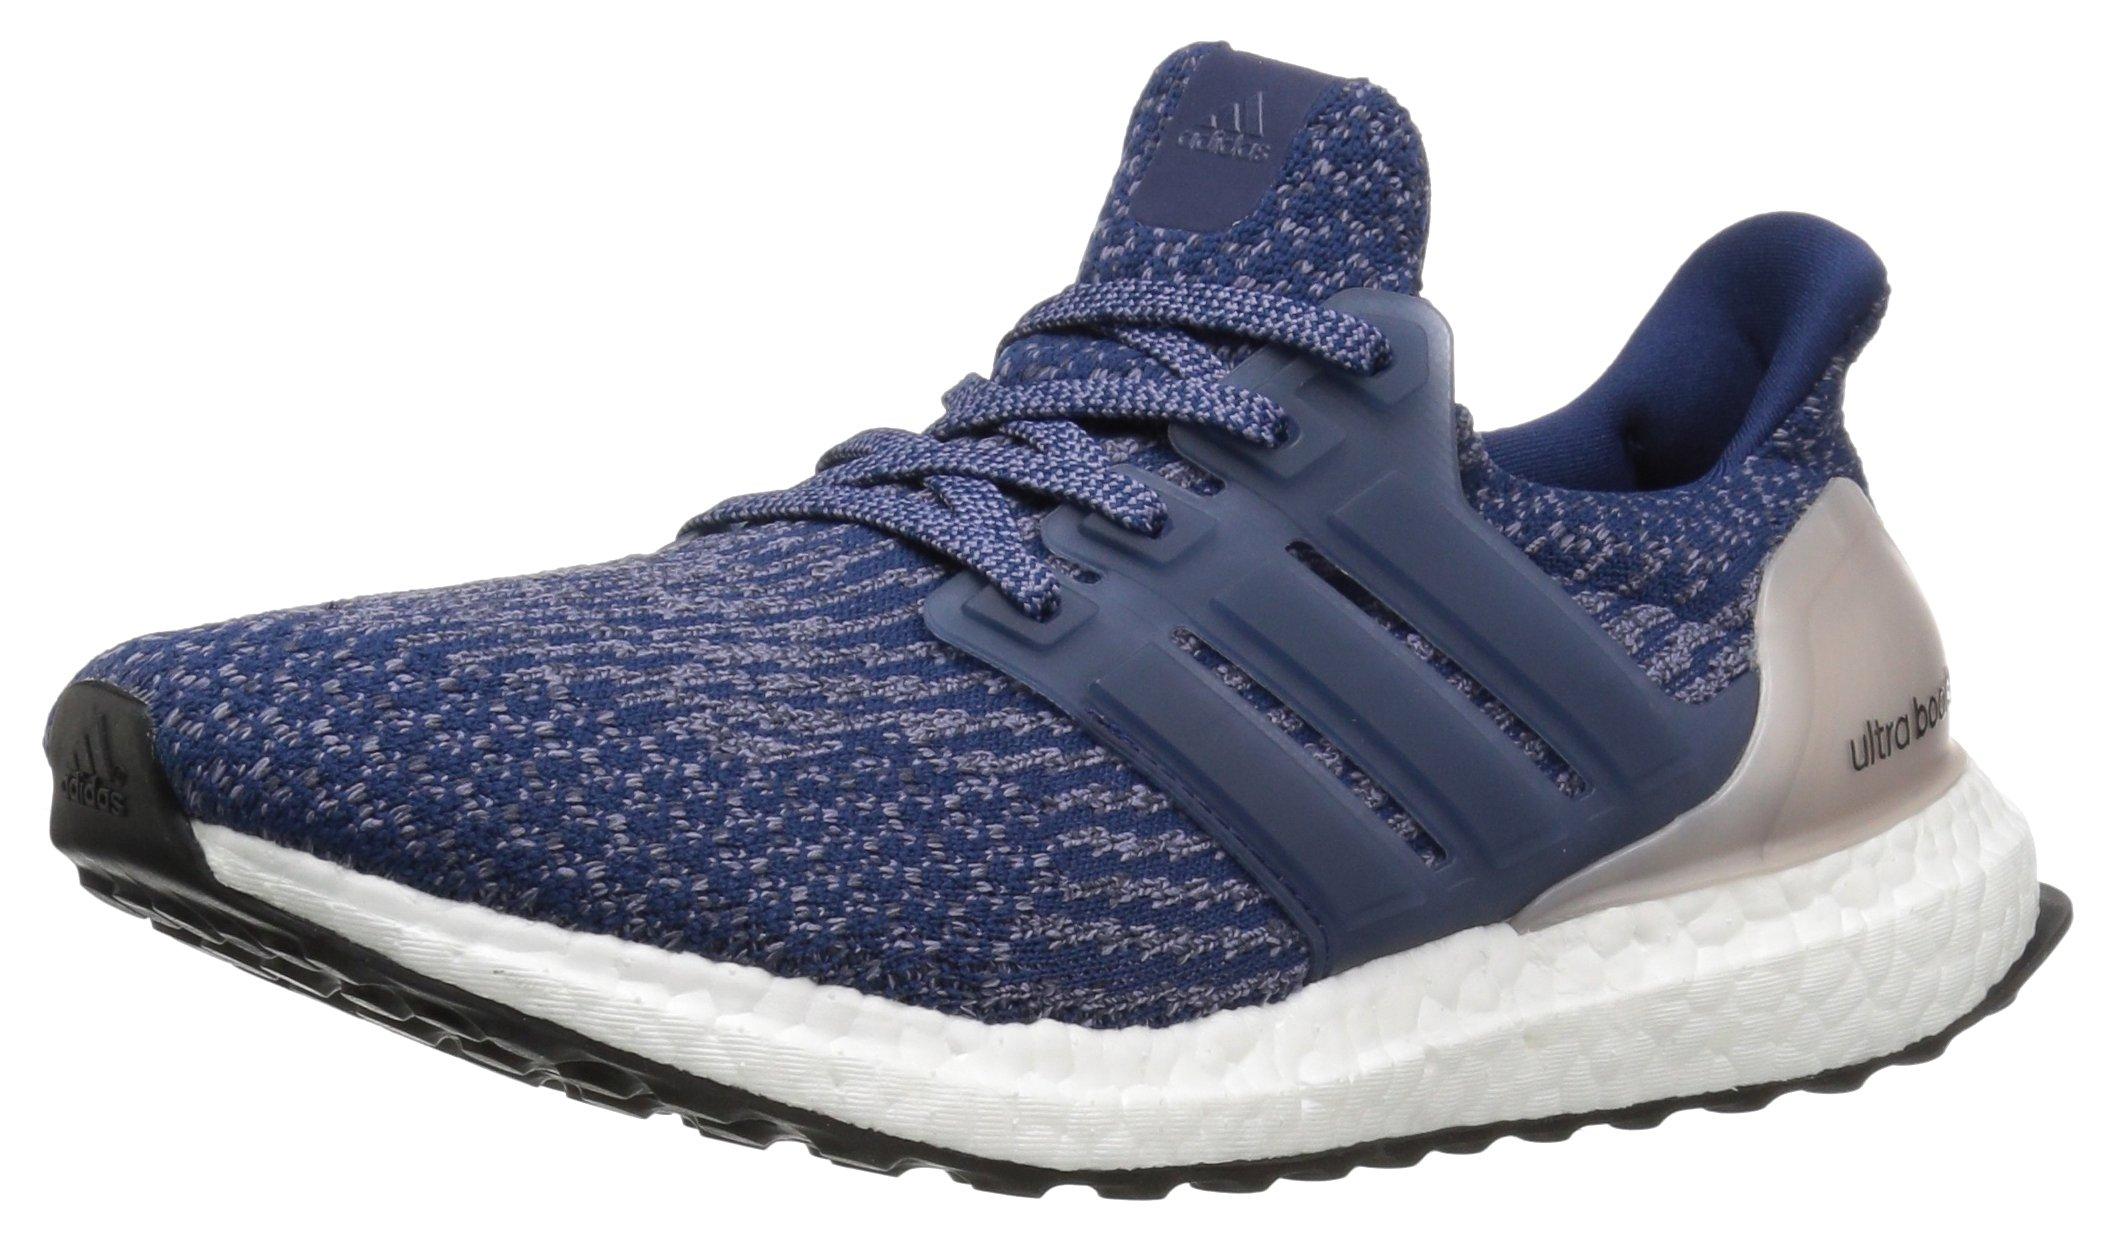 a1584ff21a42e Galleon - Adidas Women s Ultraboost W Running Shoe